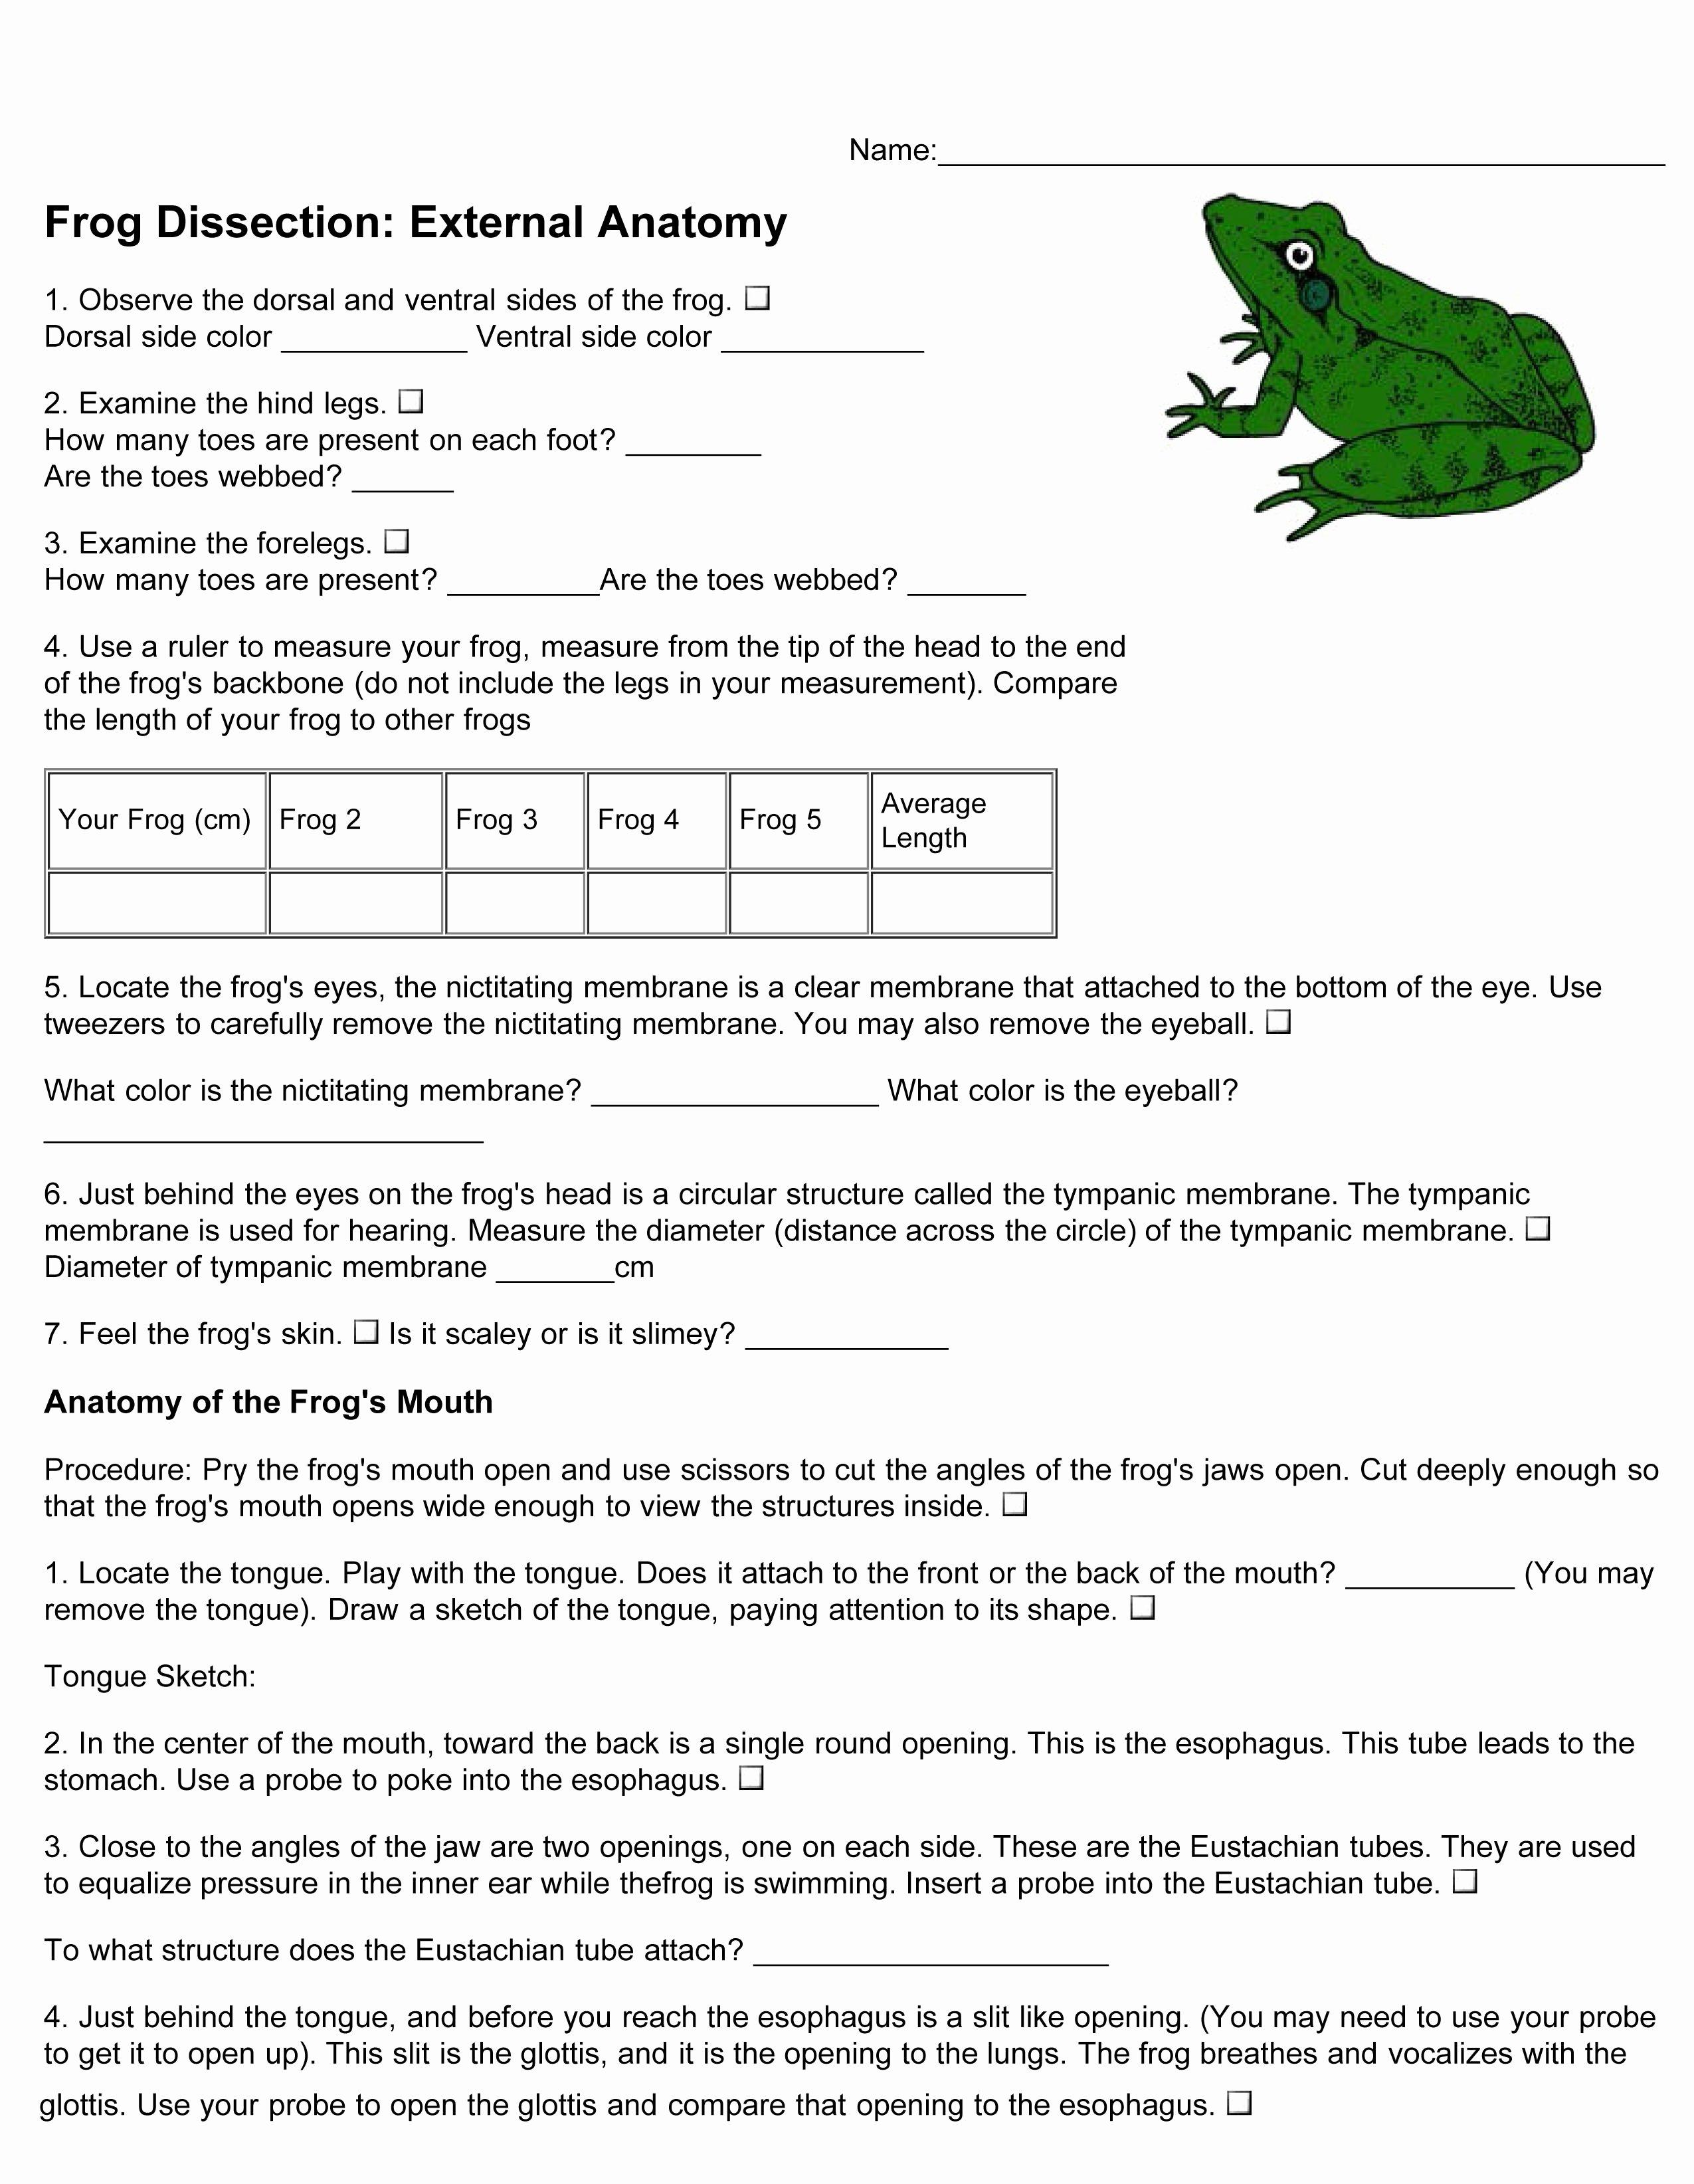 Frog Dissection Worksheet Answer Key Elegant Virtual Frog Dissection Worksheet Answer Key